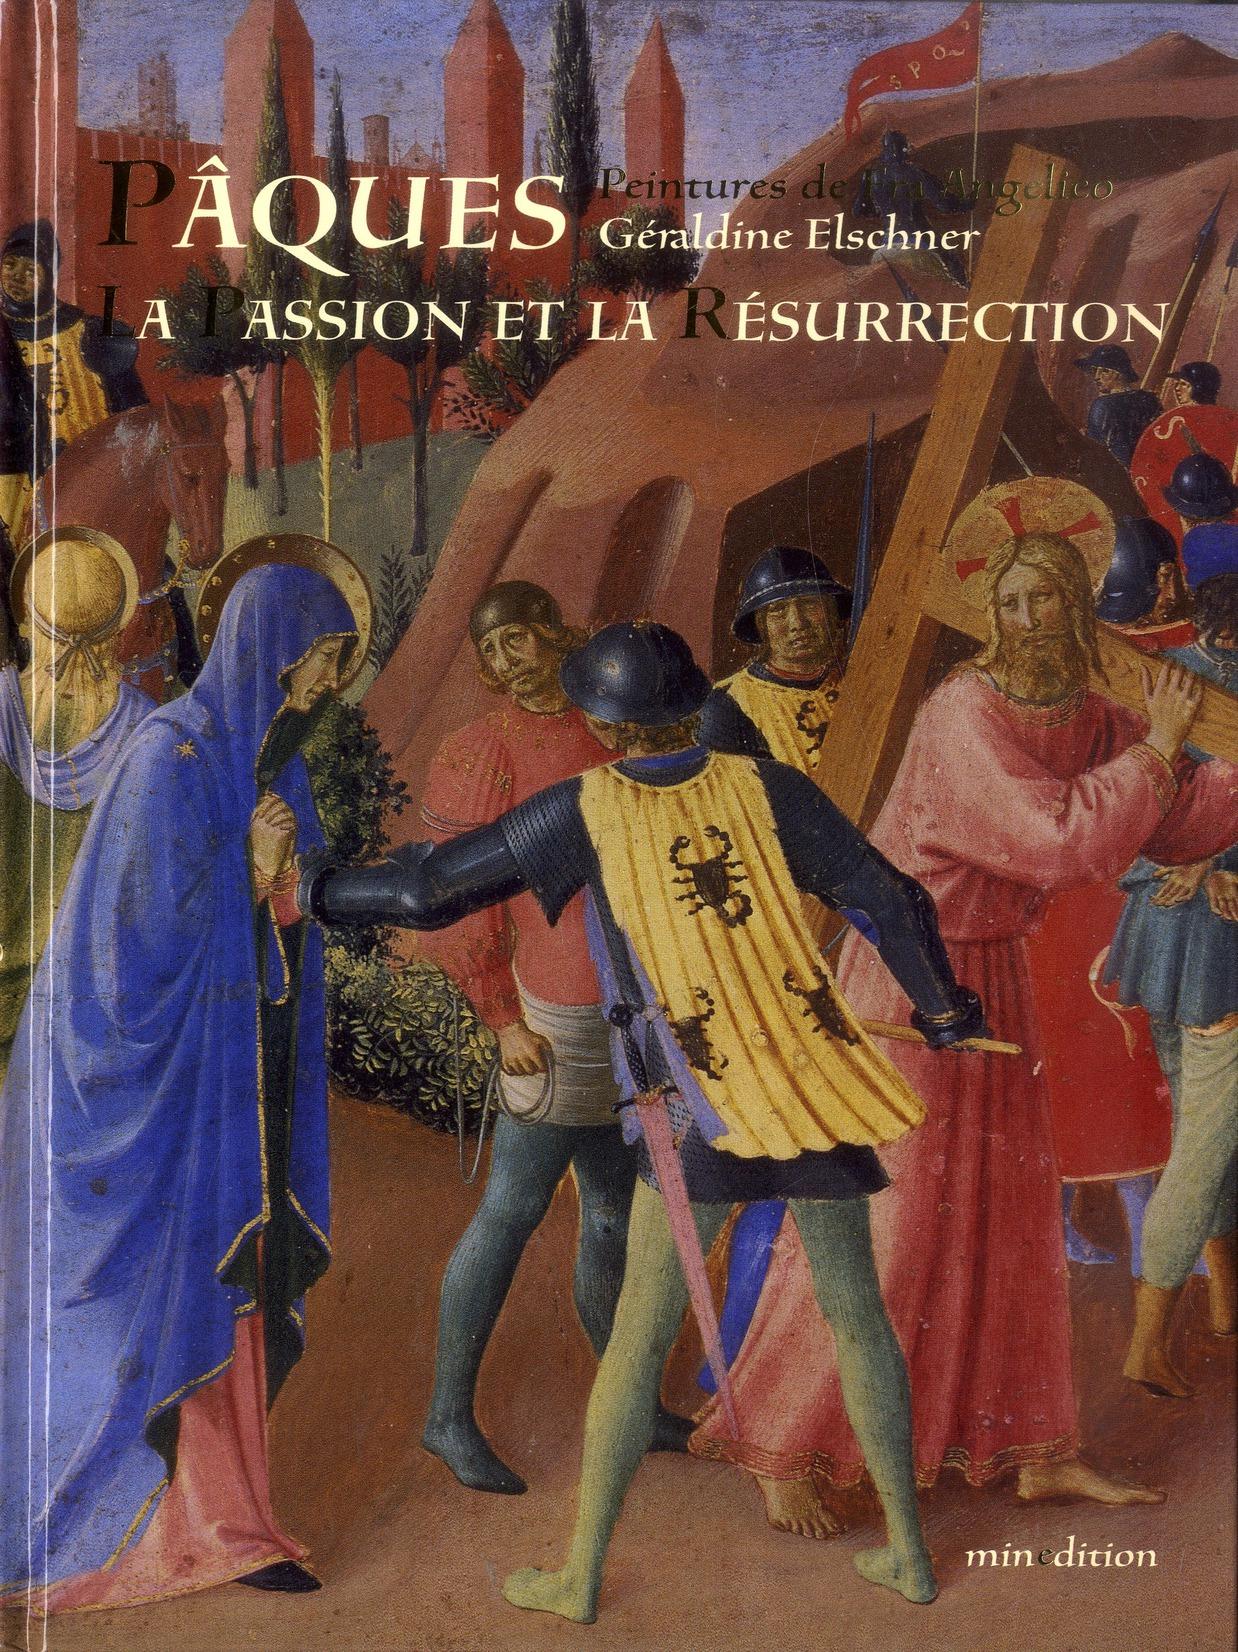 PAQUES LA PASSION ET LA RESURRECTION - SELON FRA ANGELICO